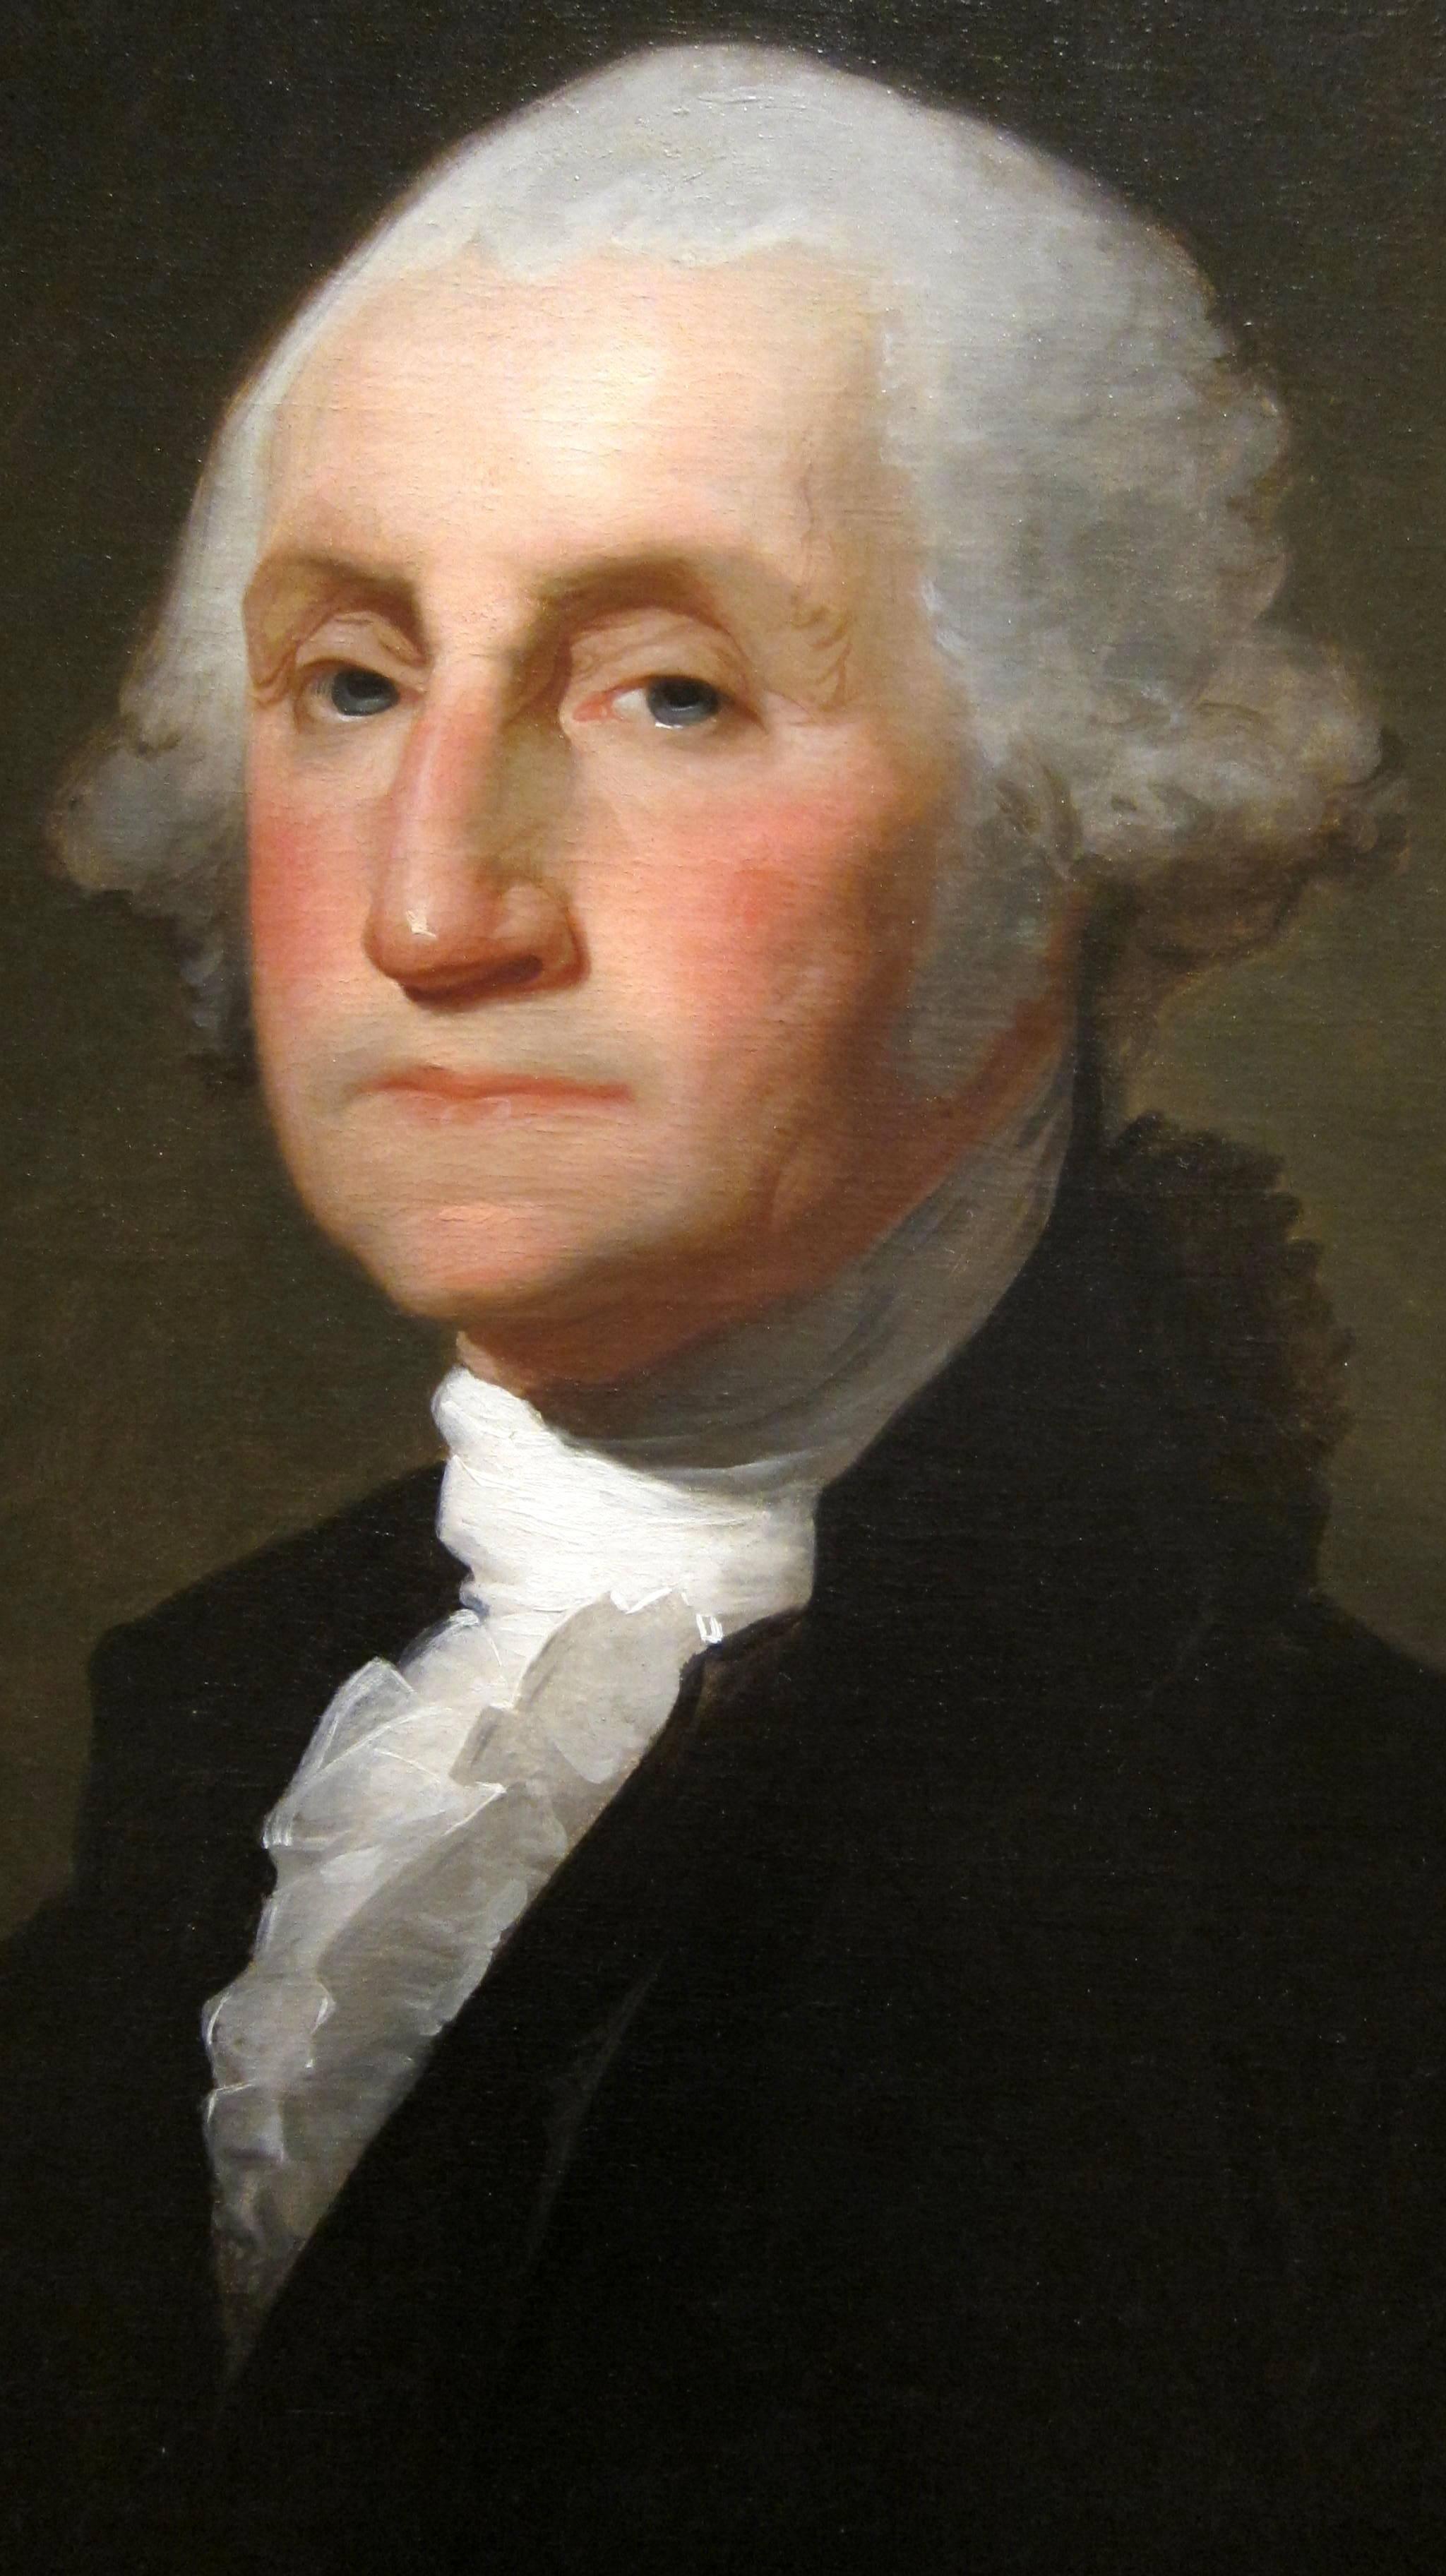 The White Mythology Of George Washington